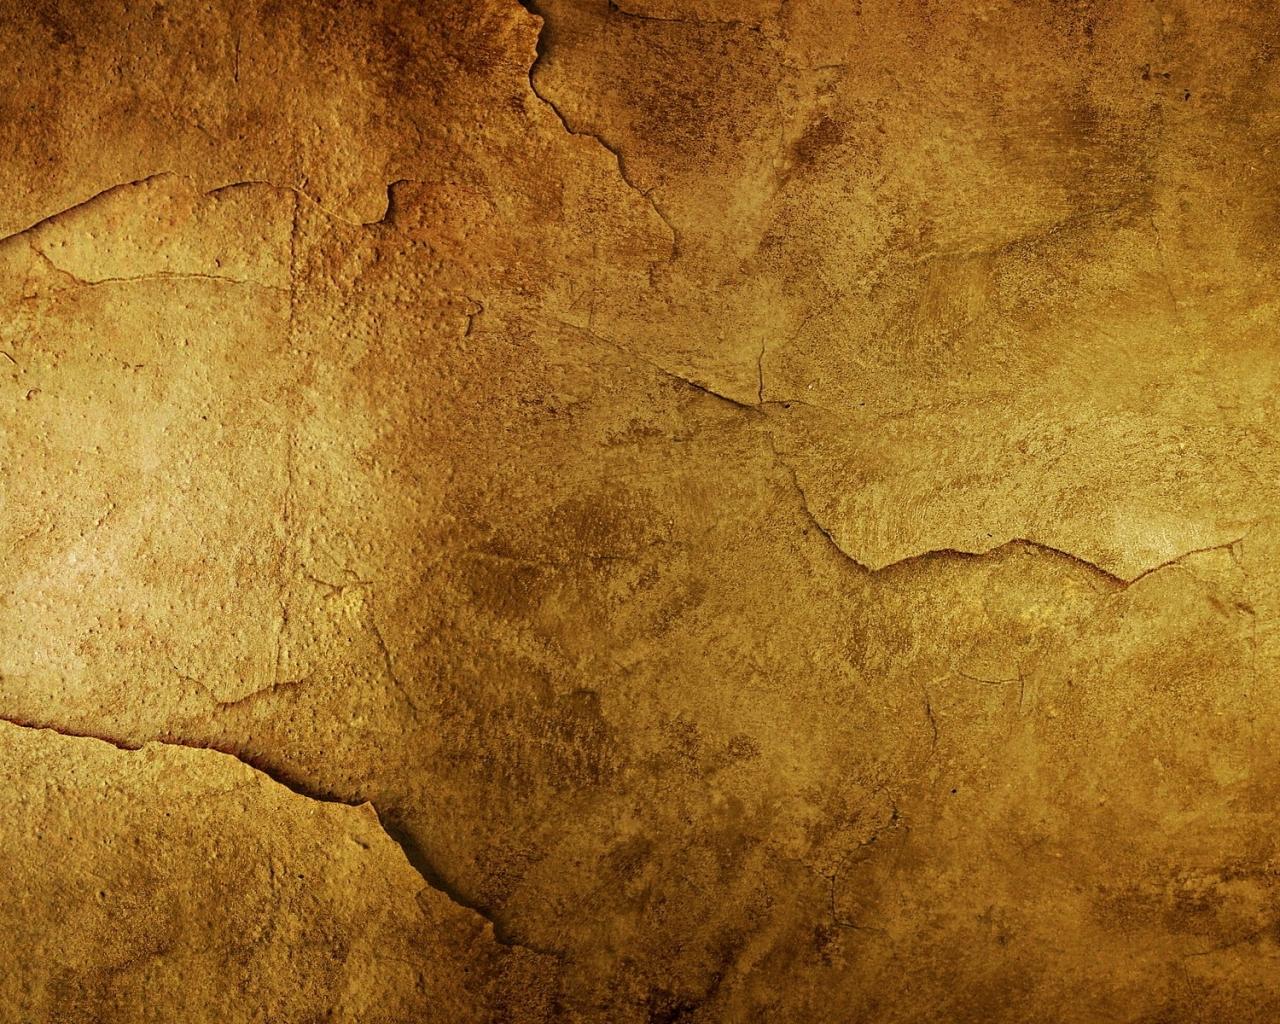 Texturas de papeles viejos - 1280x1024